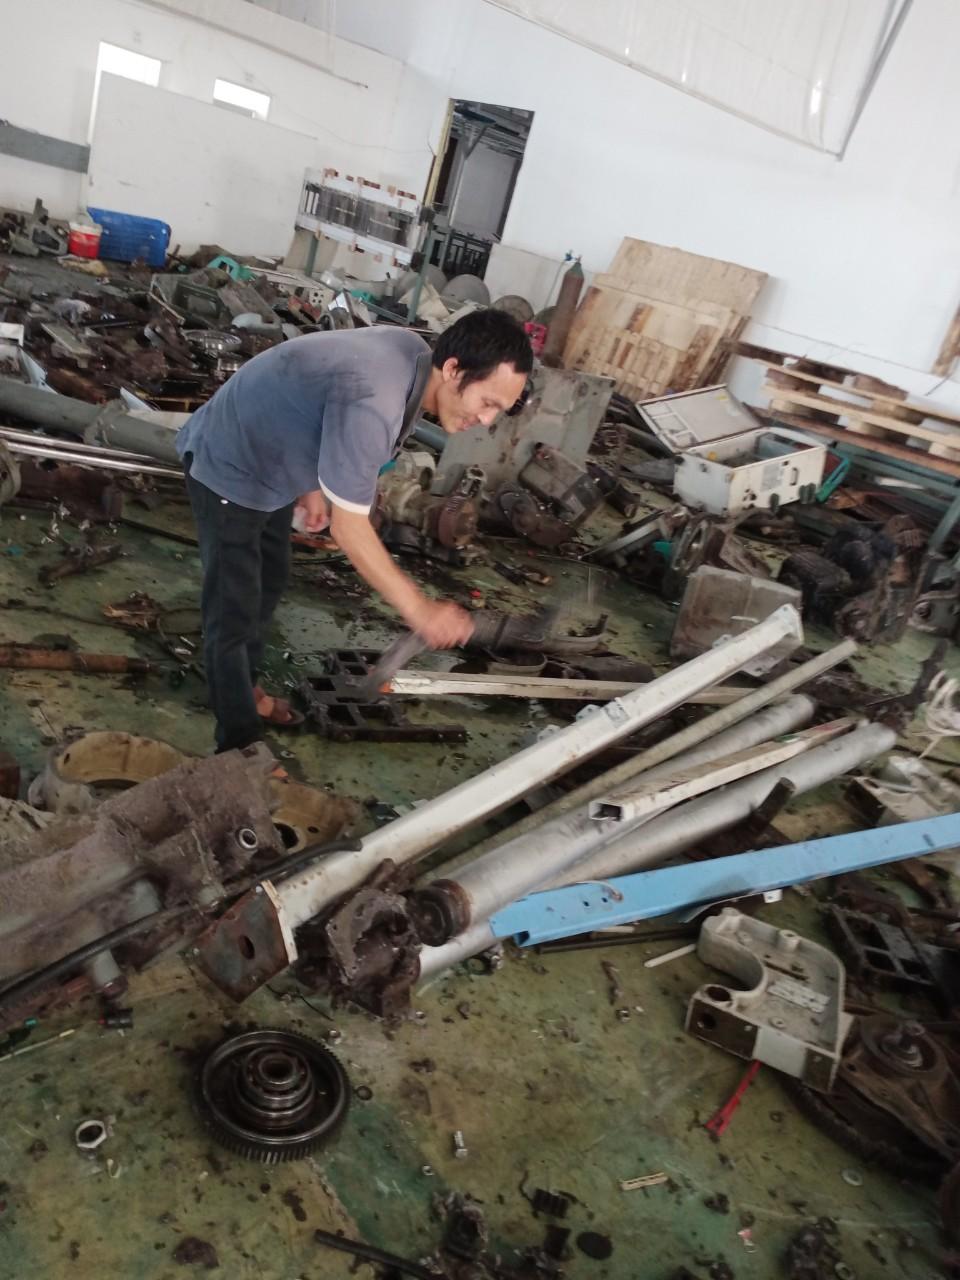 Phế liệu Nam Định Thu mua máy móc cũ hỏng, sắt vụn , đồng vụn , tháo dỡ công trình nhà xưởng các loại tại Nam Định, Ninh Bình và các tỉnh thành lân cận